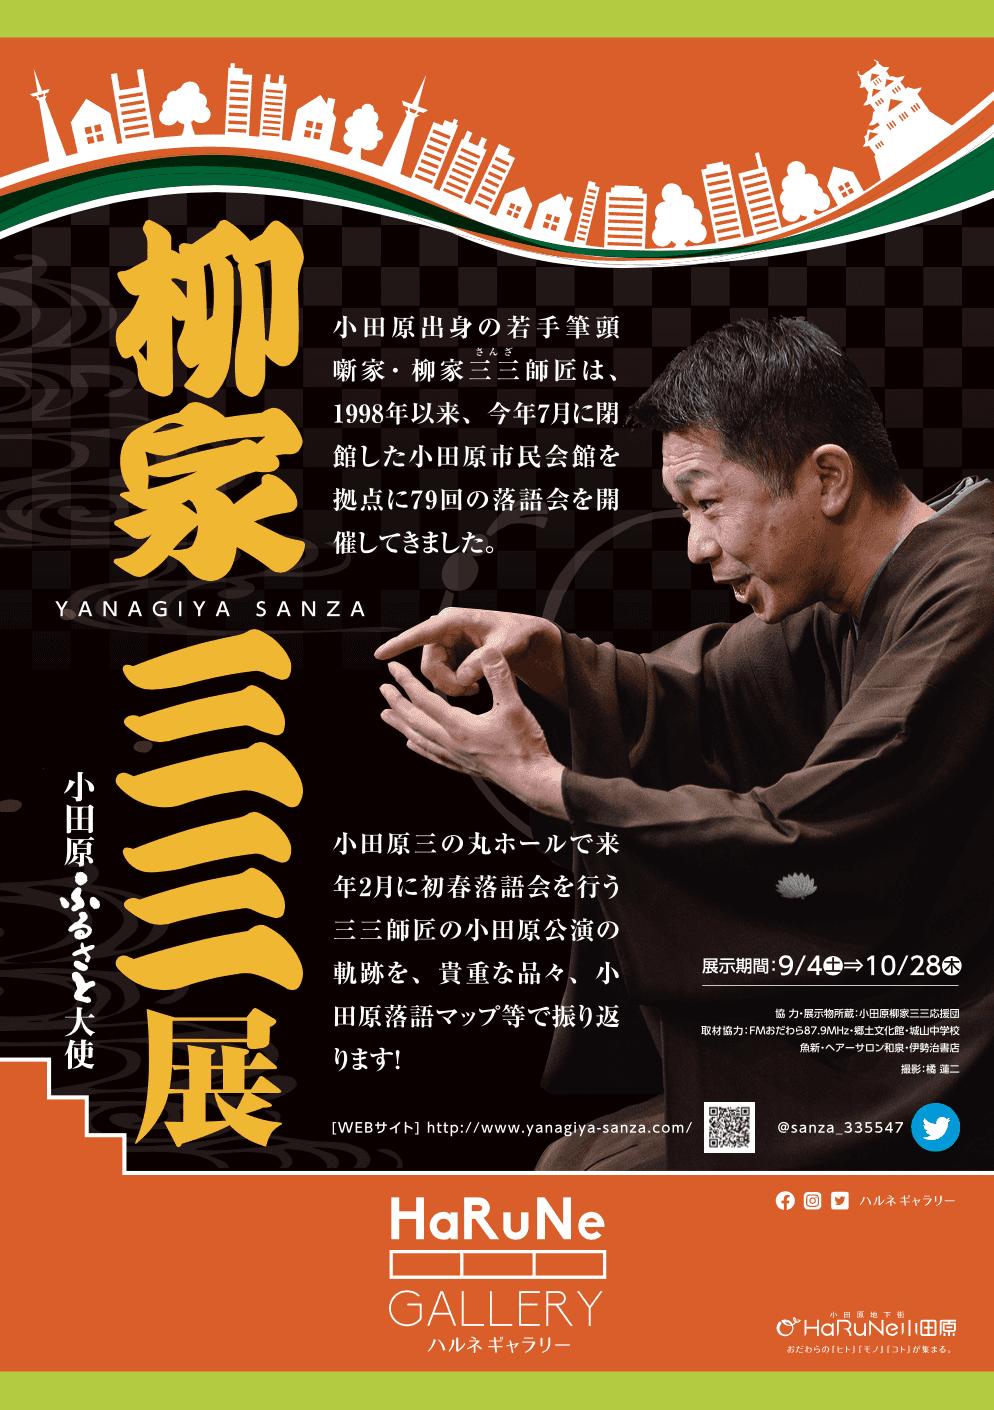 【ハルネギャラリー】小田原ふるさと大使 柳家三三展